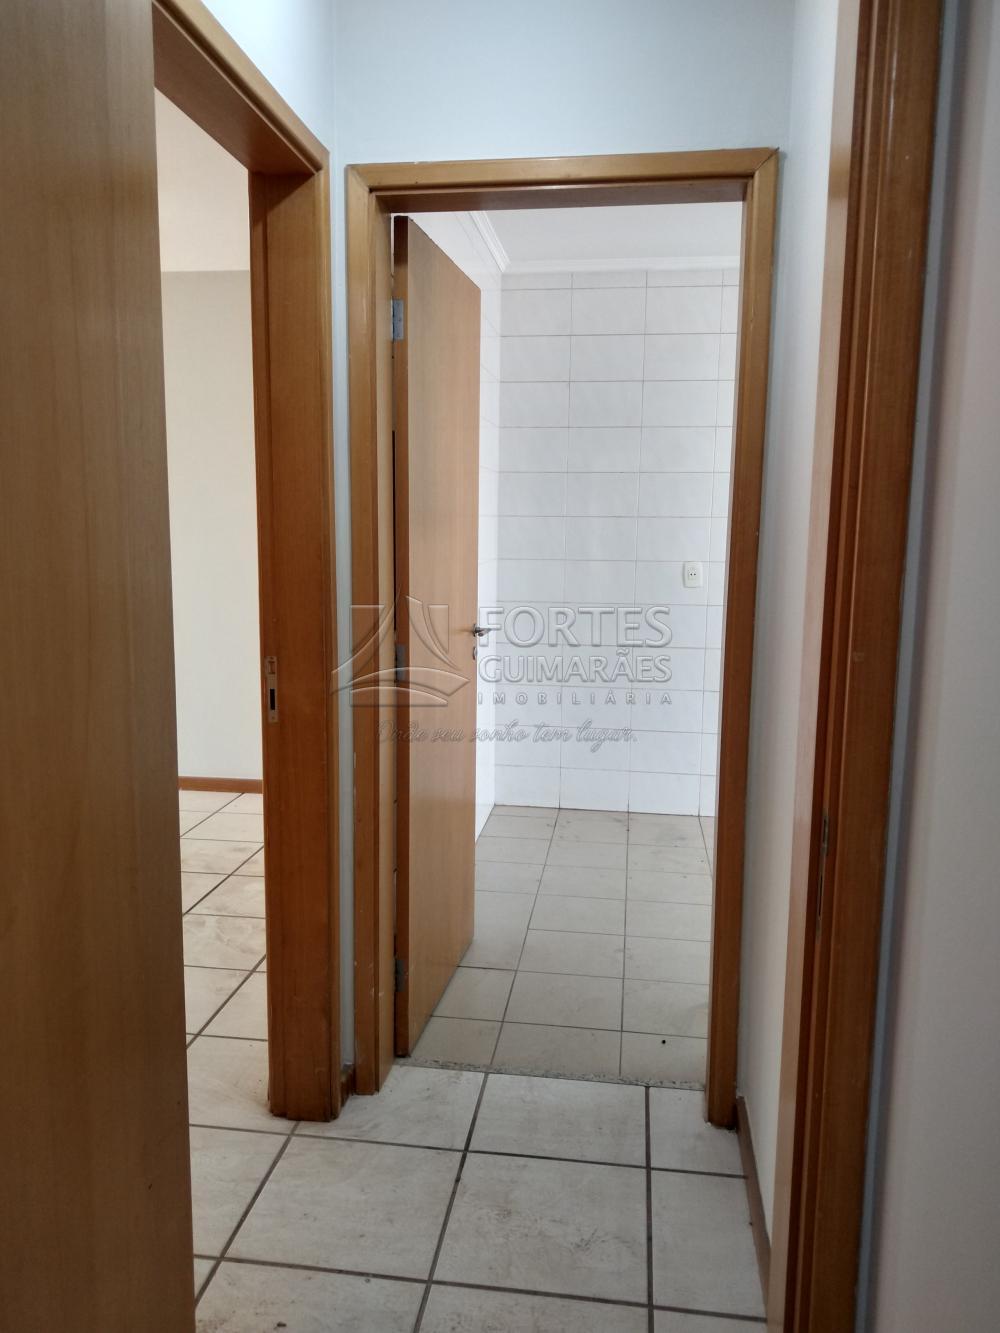 Alugar Apartamentos / Padrão em Ribeirão Preto apenas R$ 1.600,00 - Foto 5